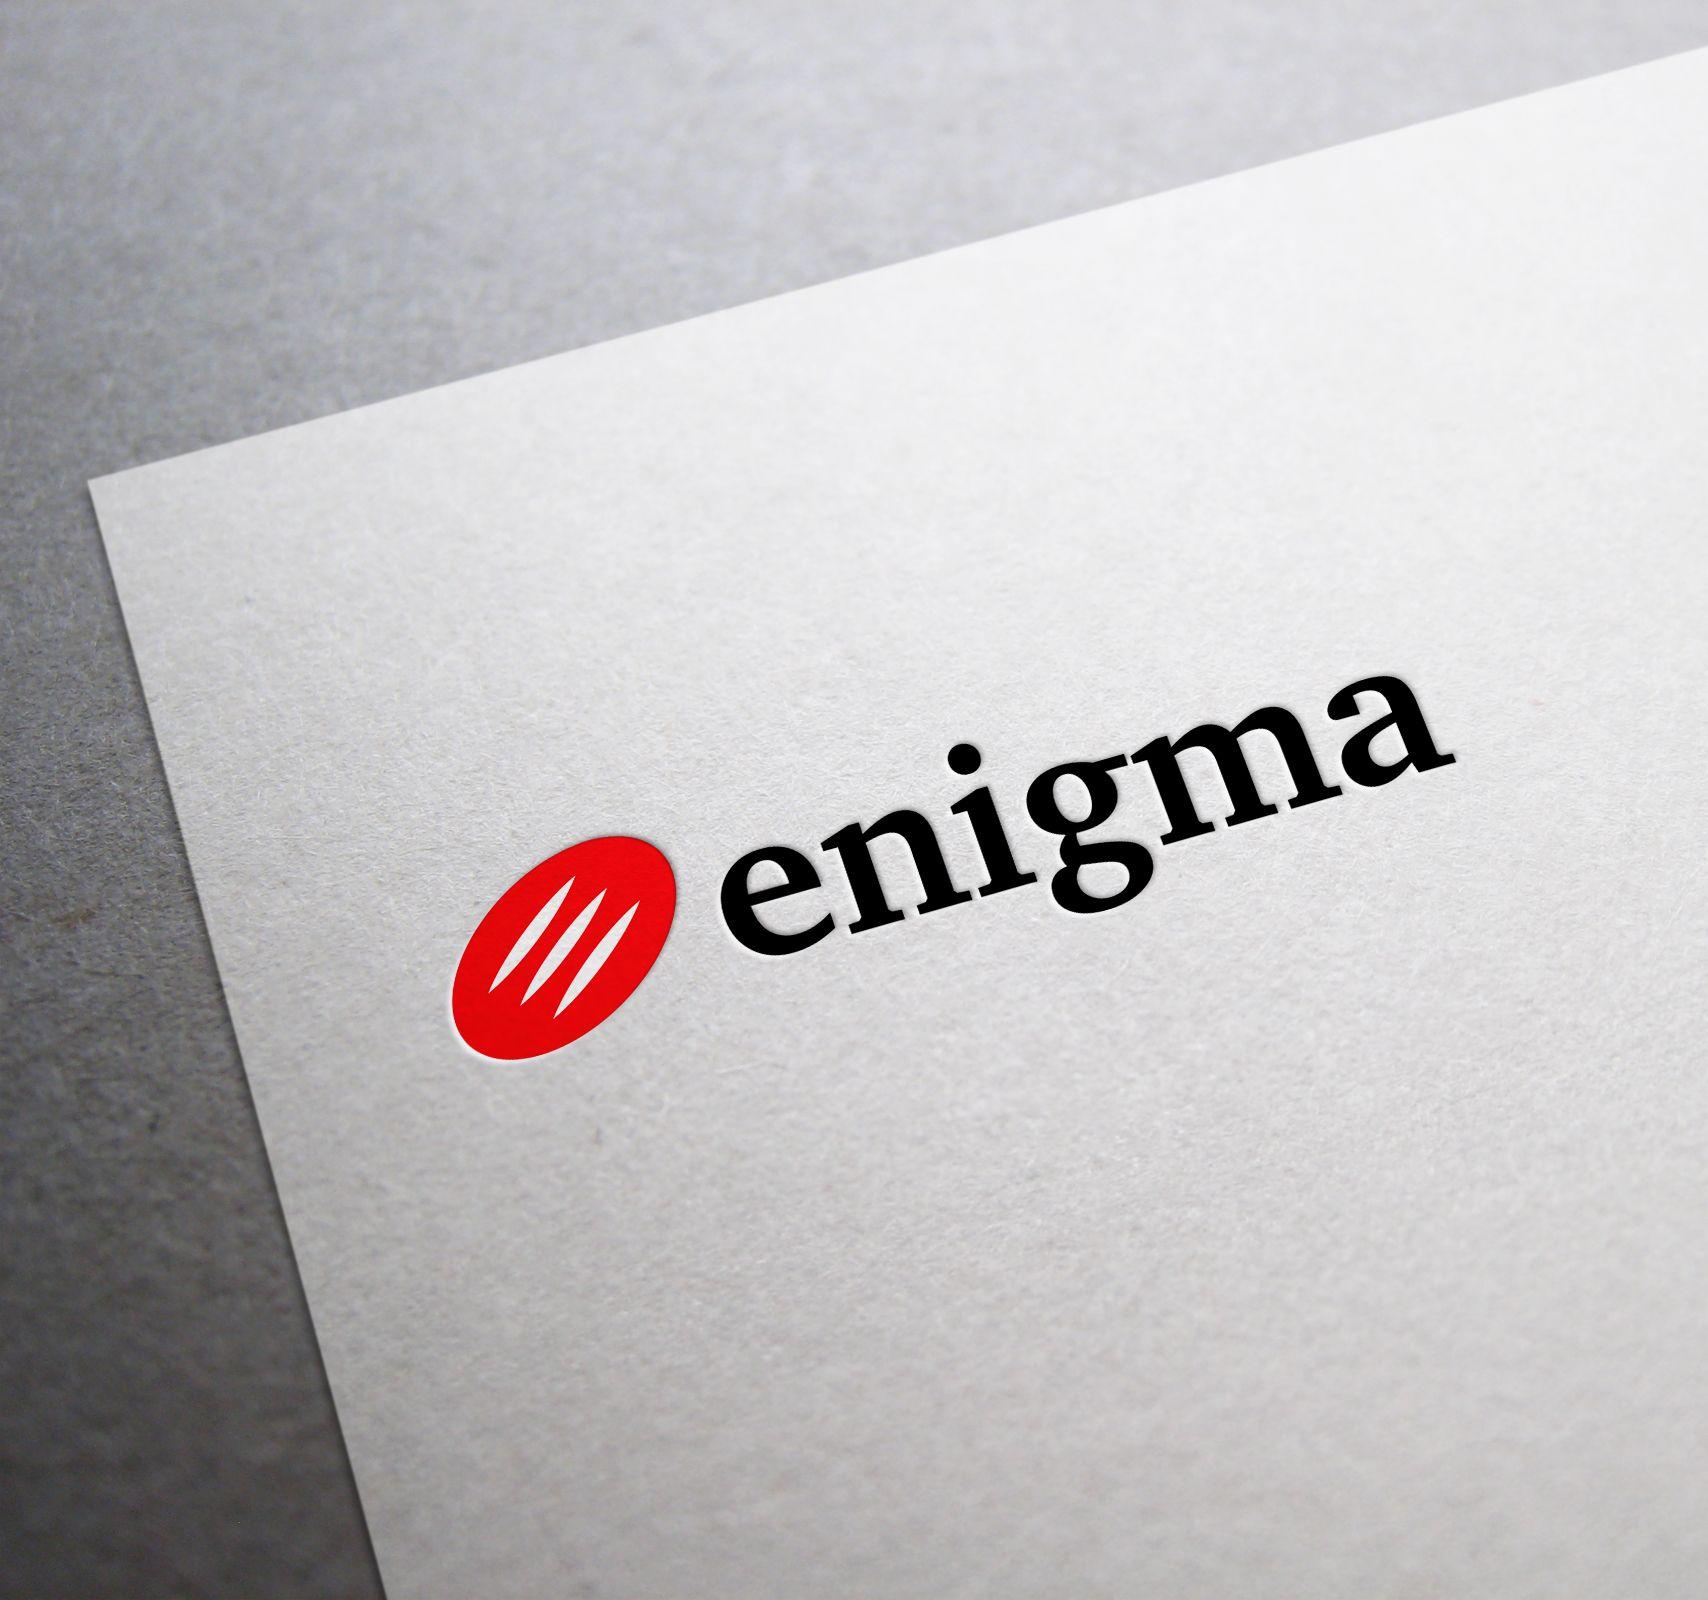 Логотип и фирмстиль для Enigma - дизайнер Wou1ter